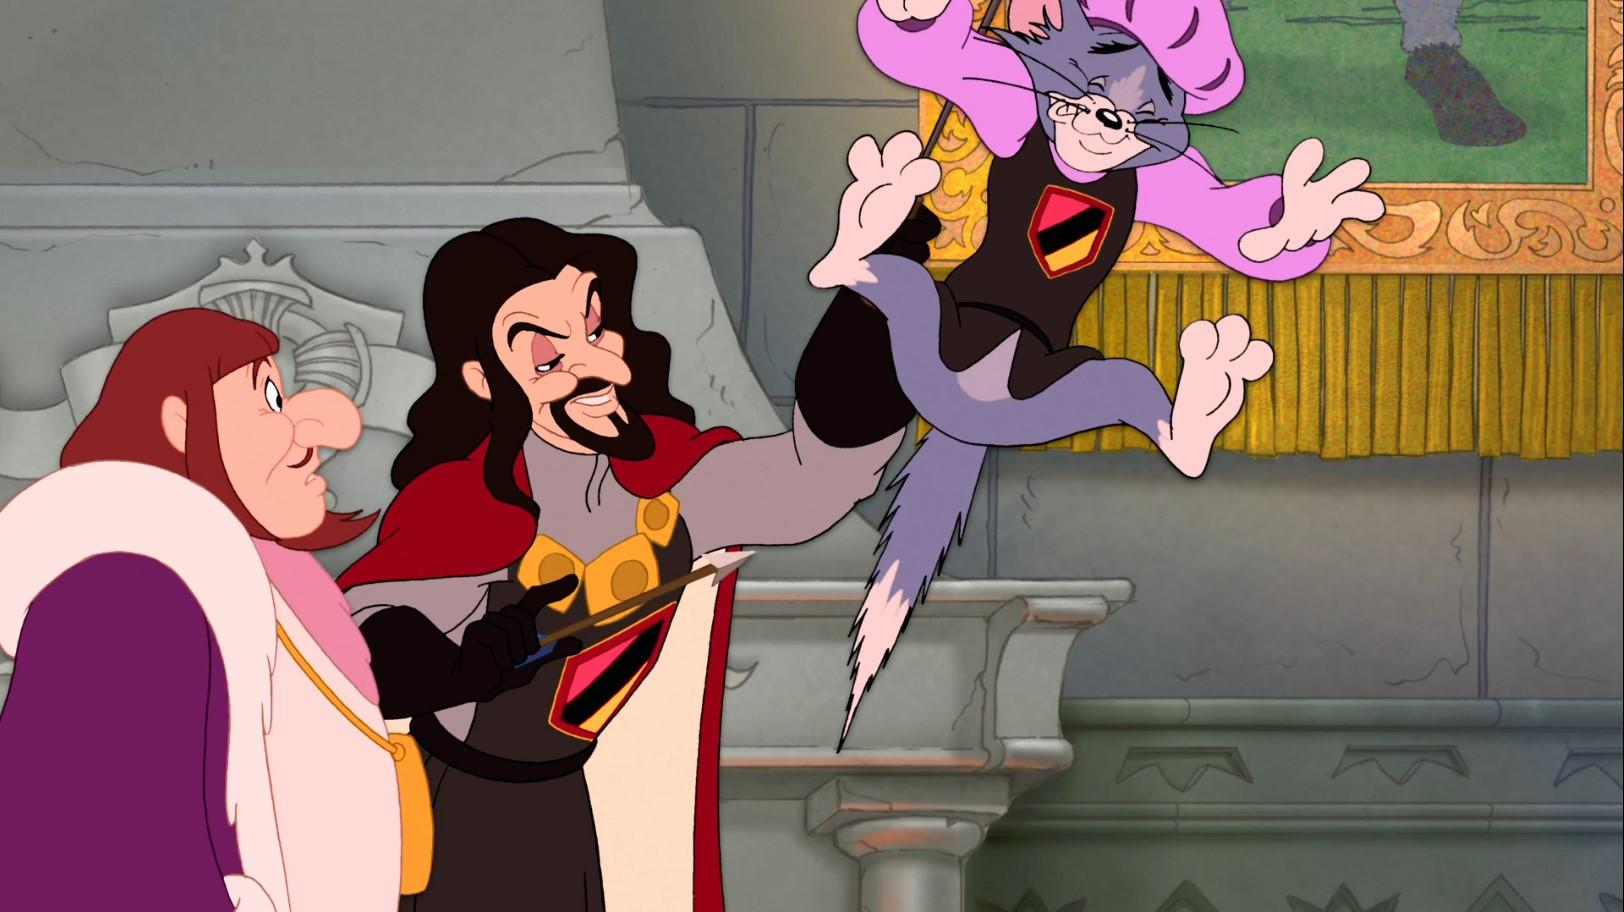 Том и Джерри. Робин Гуд и Мышь-Весельчак